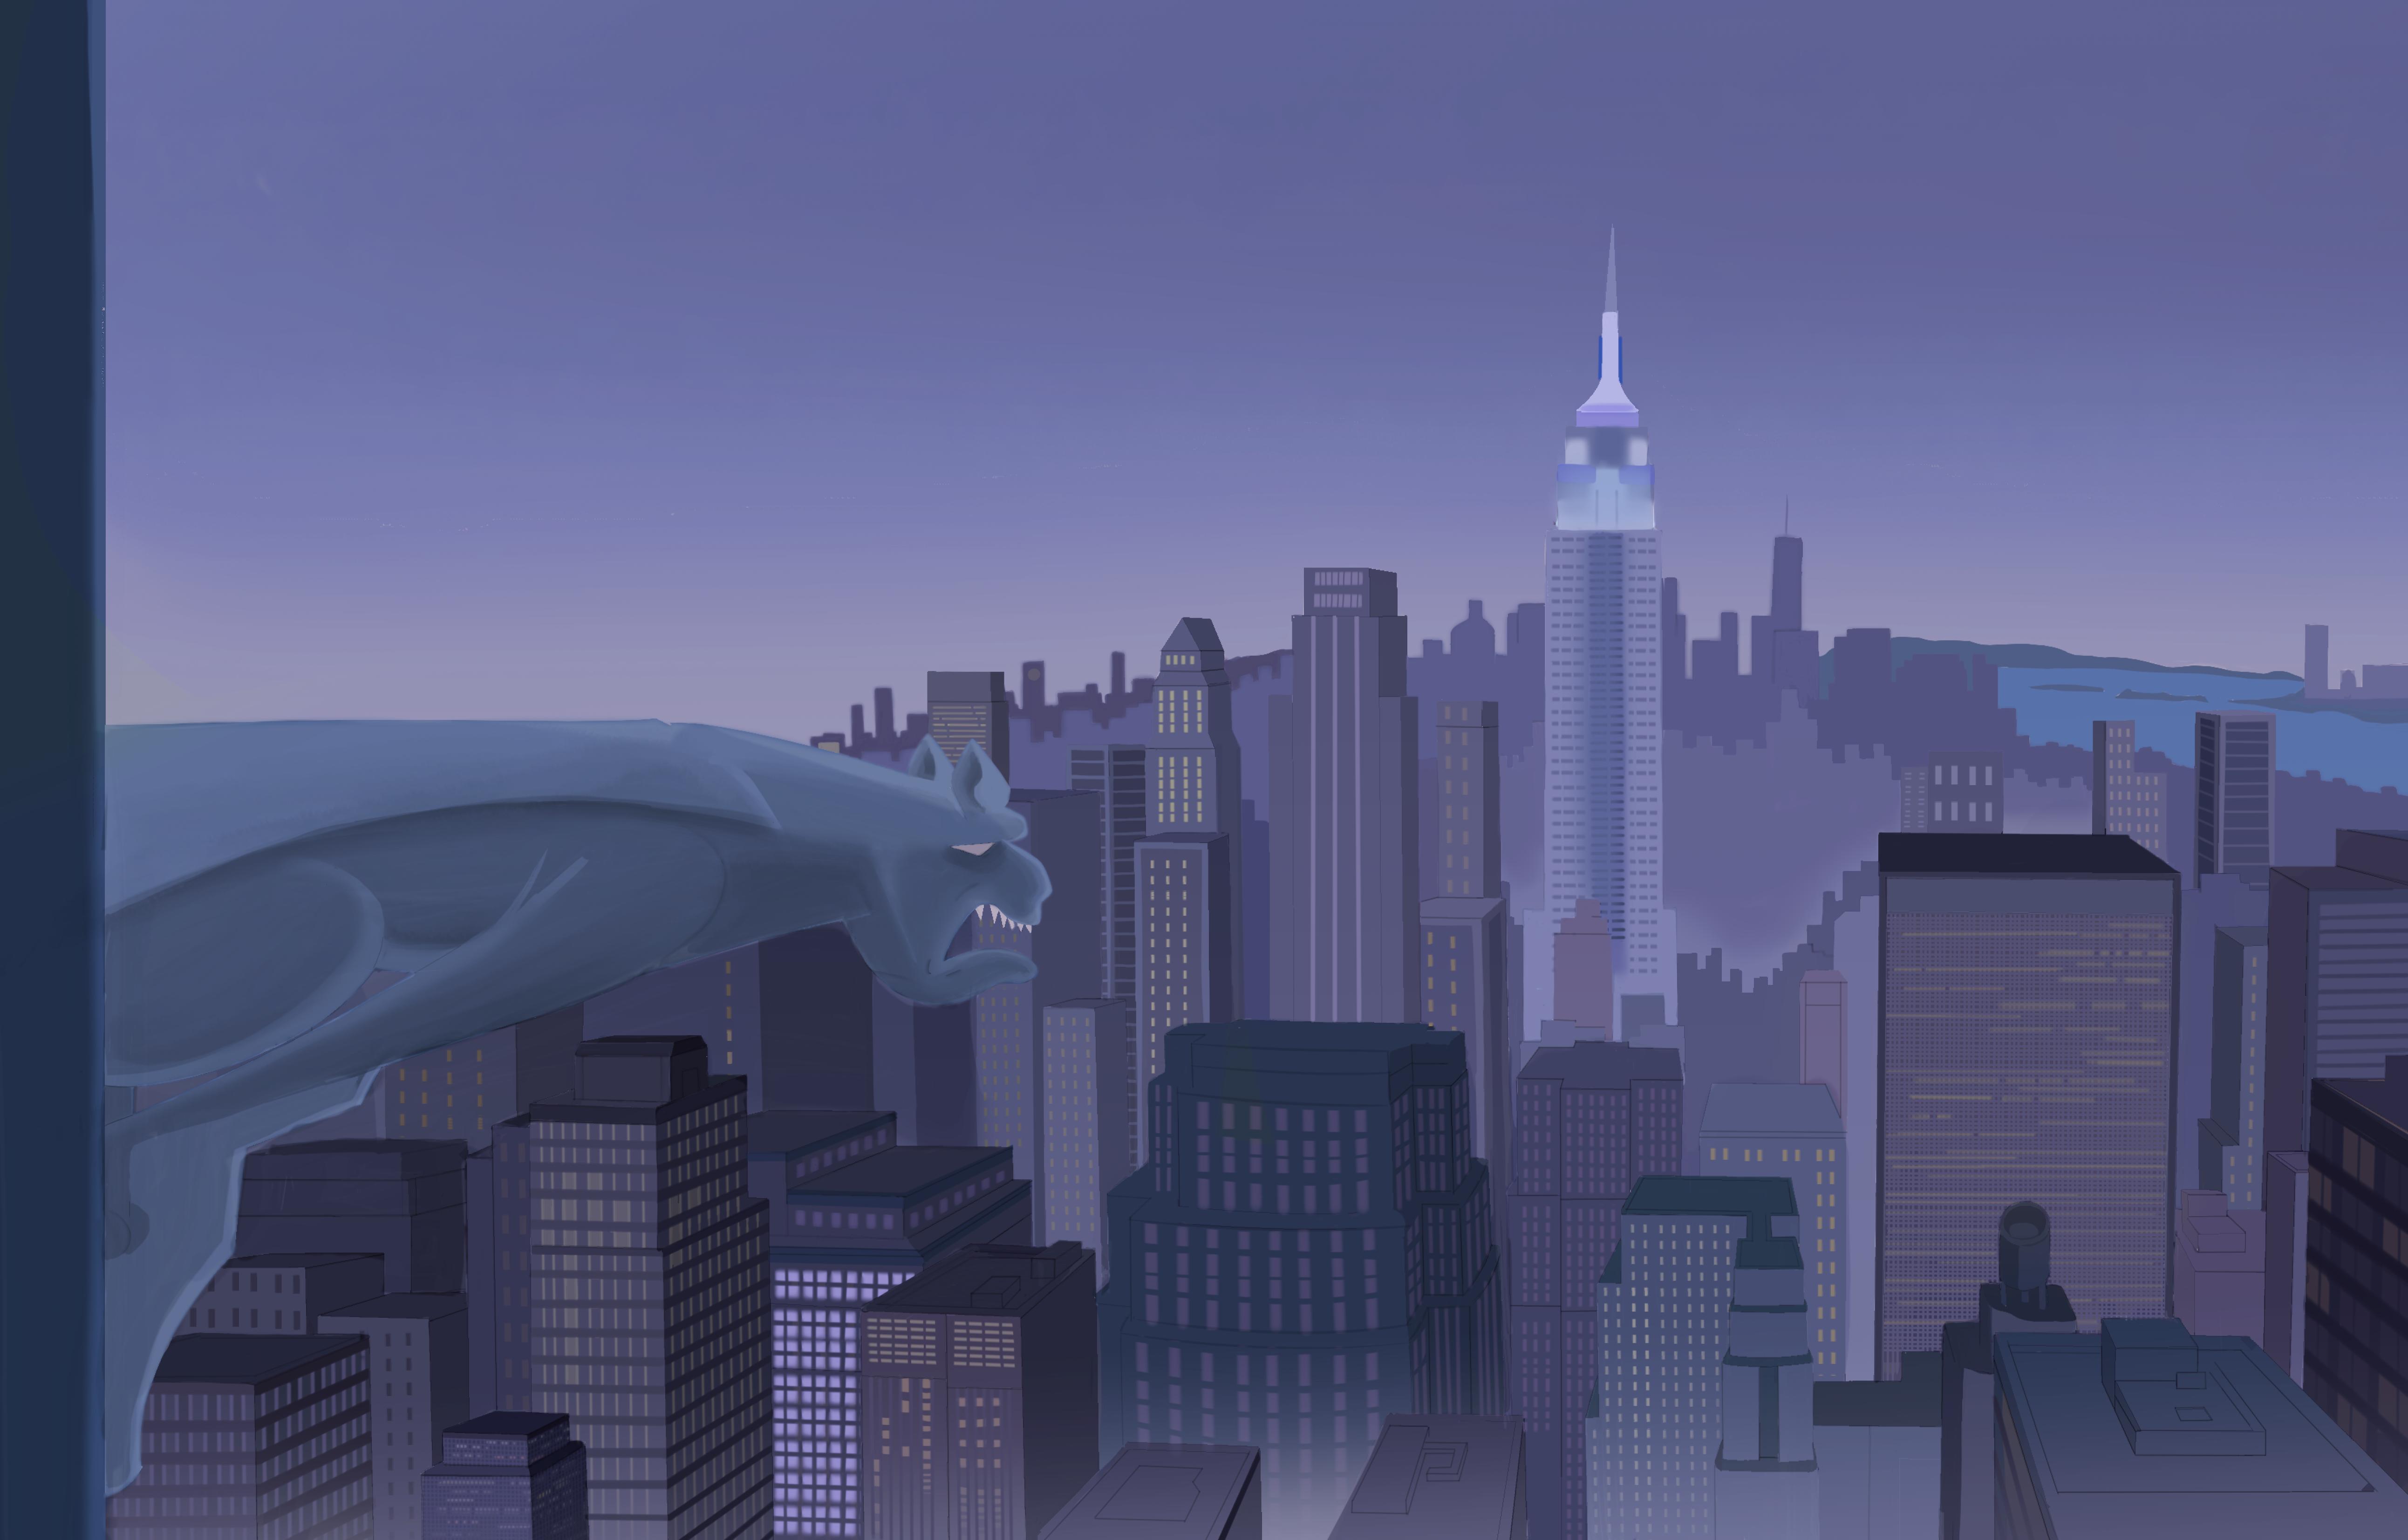 NYC landscape Final 300 dpi